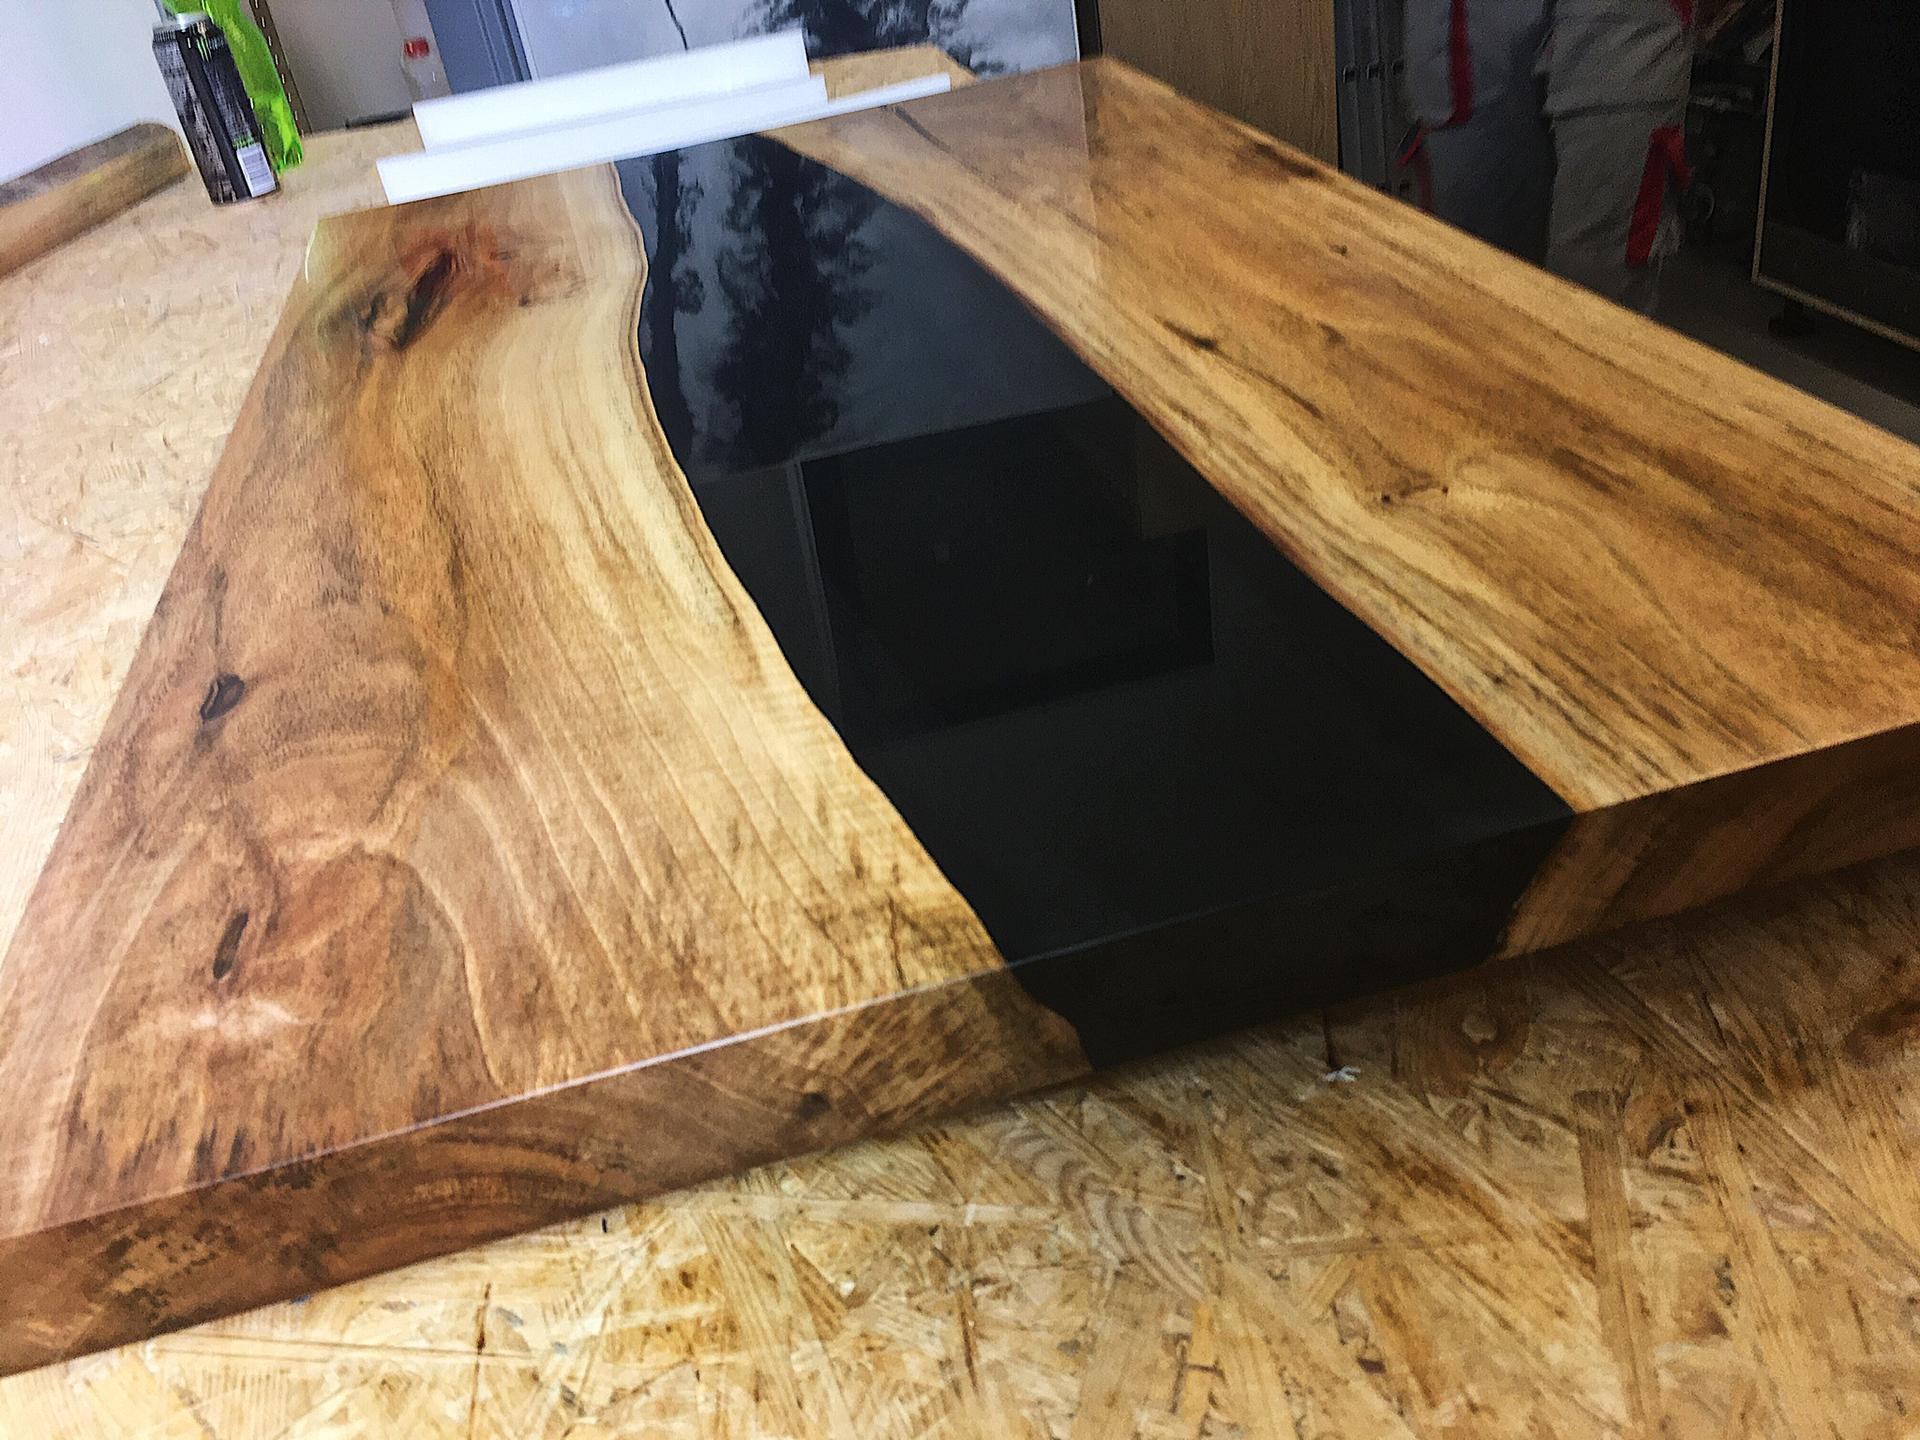 Konferenční stůl z ořechového dřeva a černé epoxidové pryskyřice. Broušený, leštěný, olejovaný, voskovaný. Certifikováno pro styk s potravinami.   ZDE: https://youtu.be/DOi0TPk1Cl8 se můžete podívat na timelapse z olejování. - Obrázek č. 1